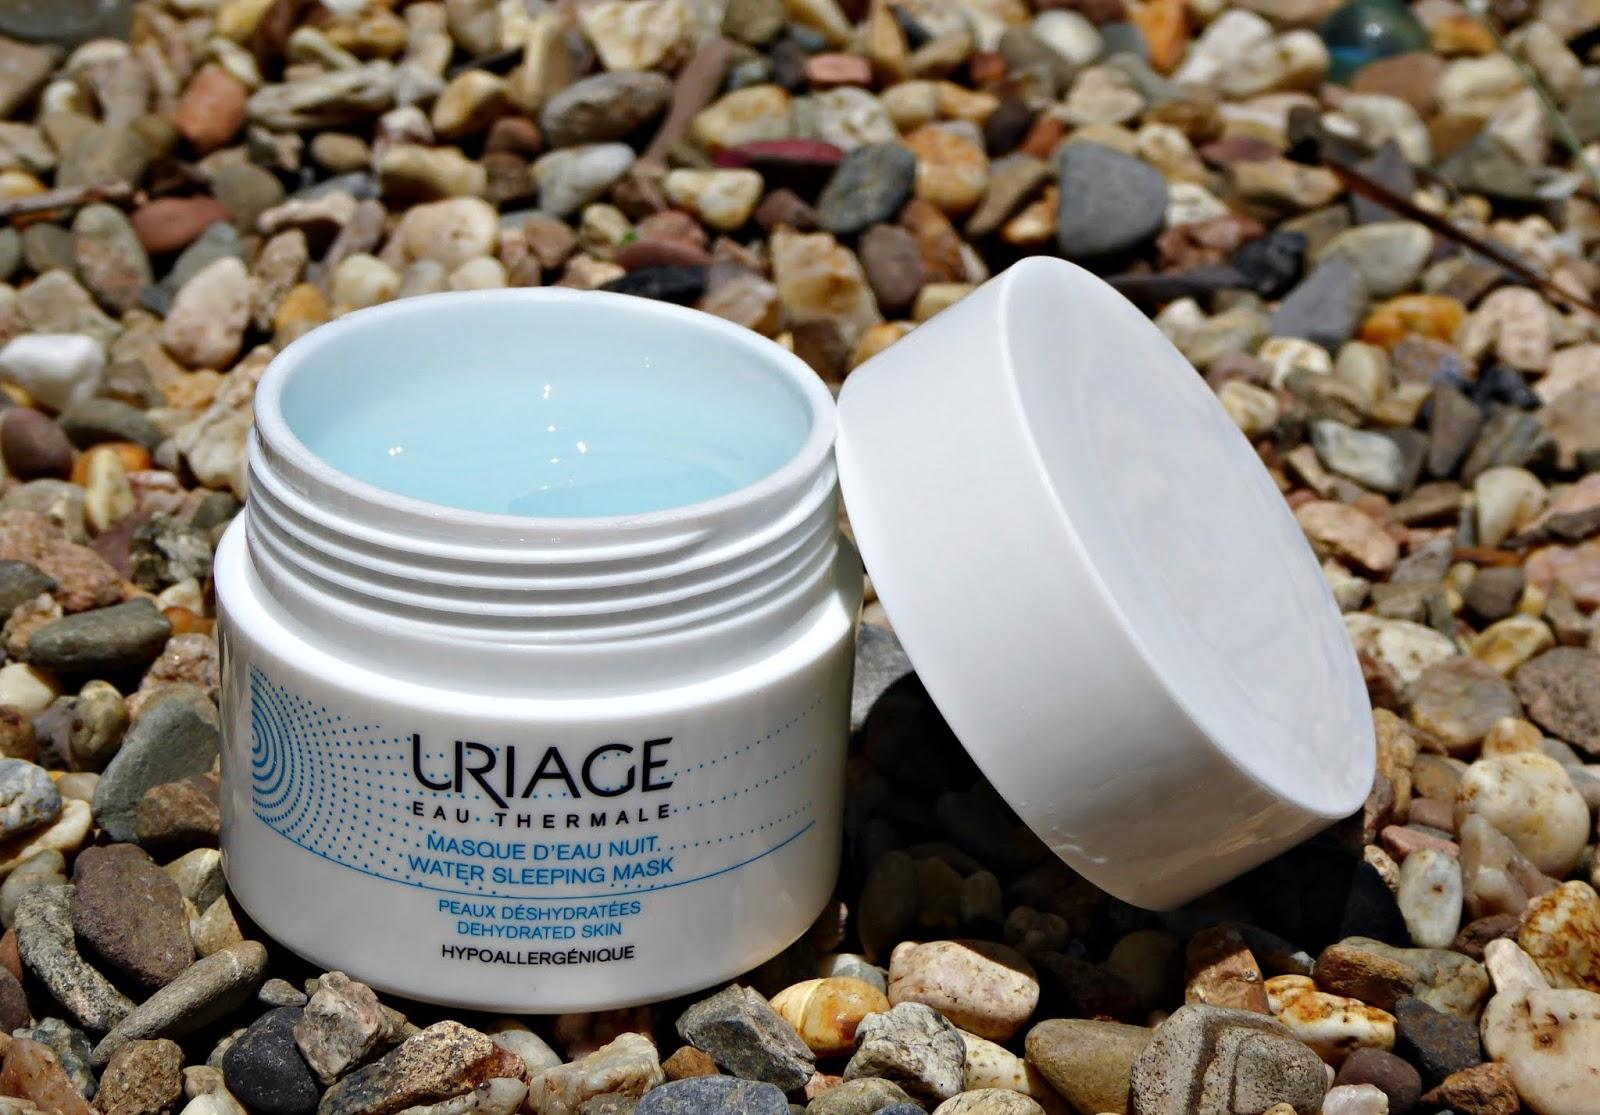 Water sleeping mask de Uriage, agua termal y ácido hialurónico para una piel 8 horas de sueño